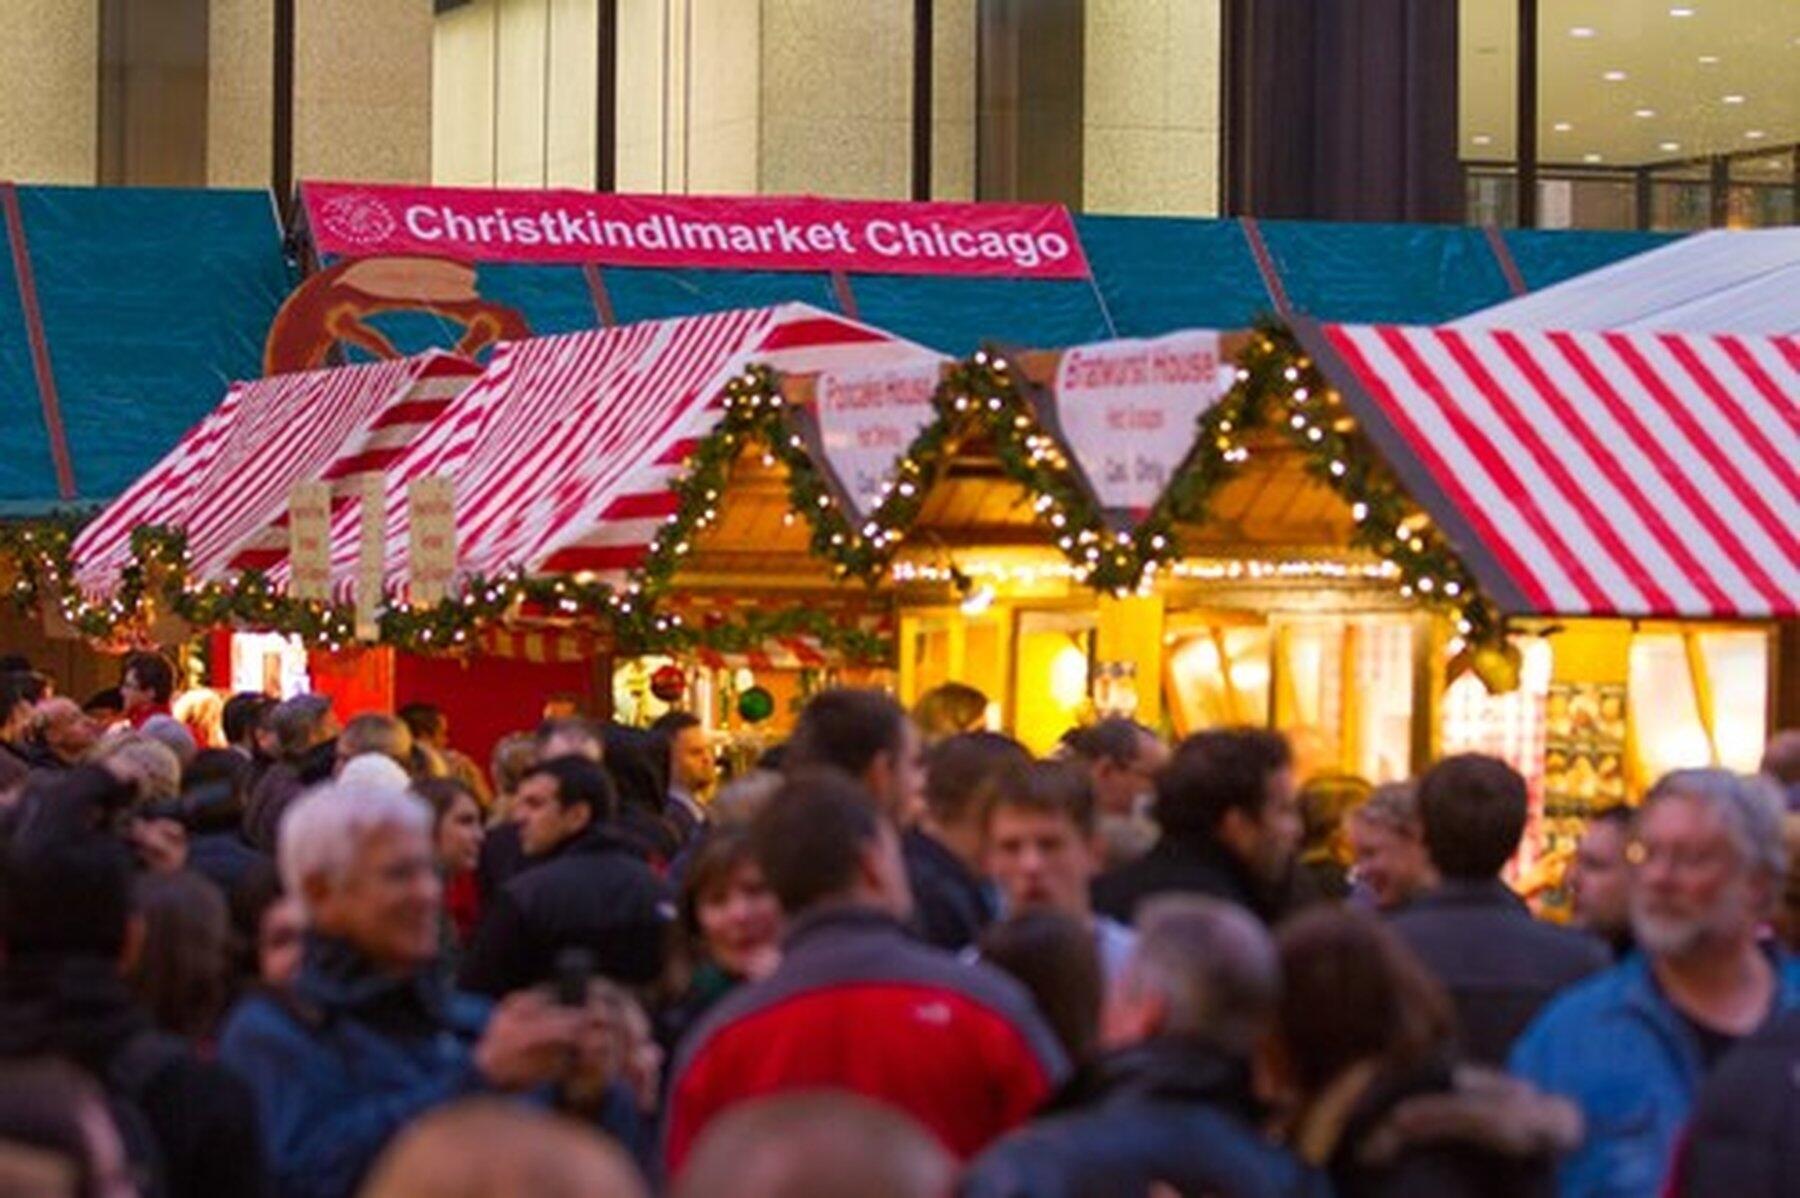 Crowd at ChristkindlMarket